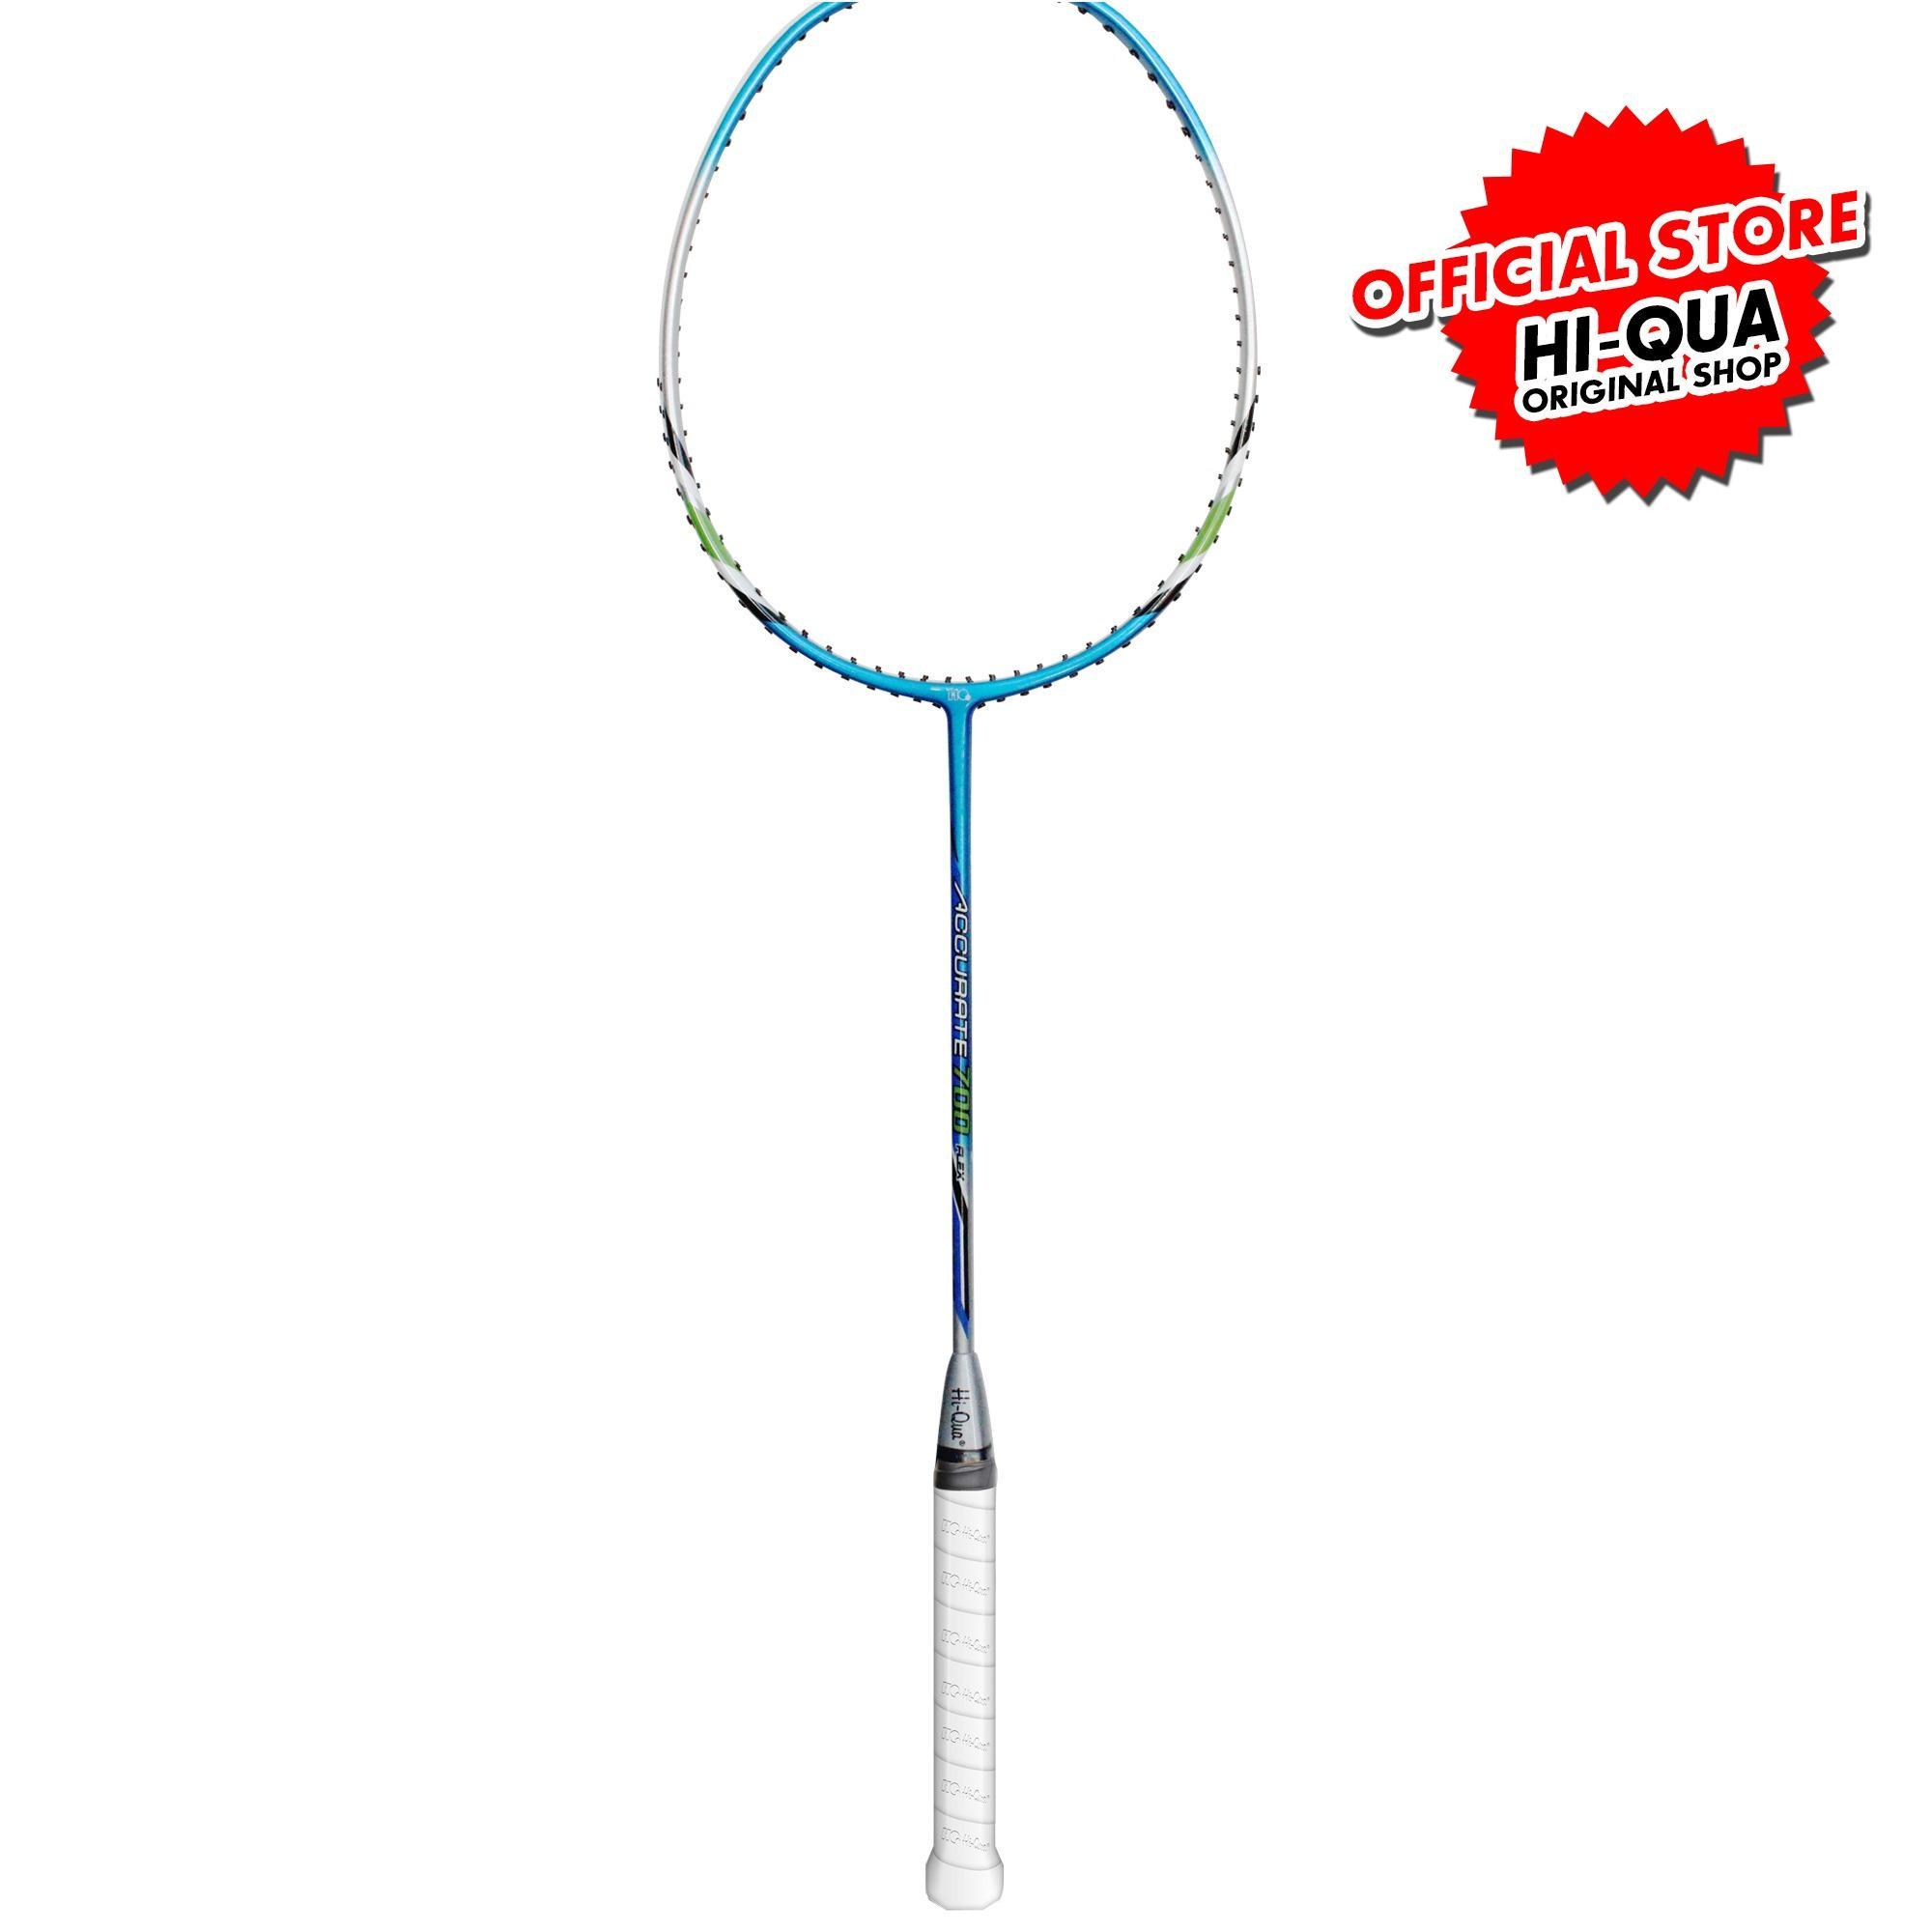 Hi-Qua Raket Bulutangkis / Badminton Accurate - Blue